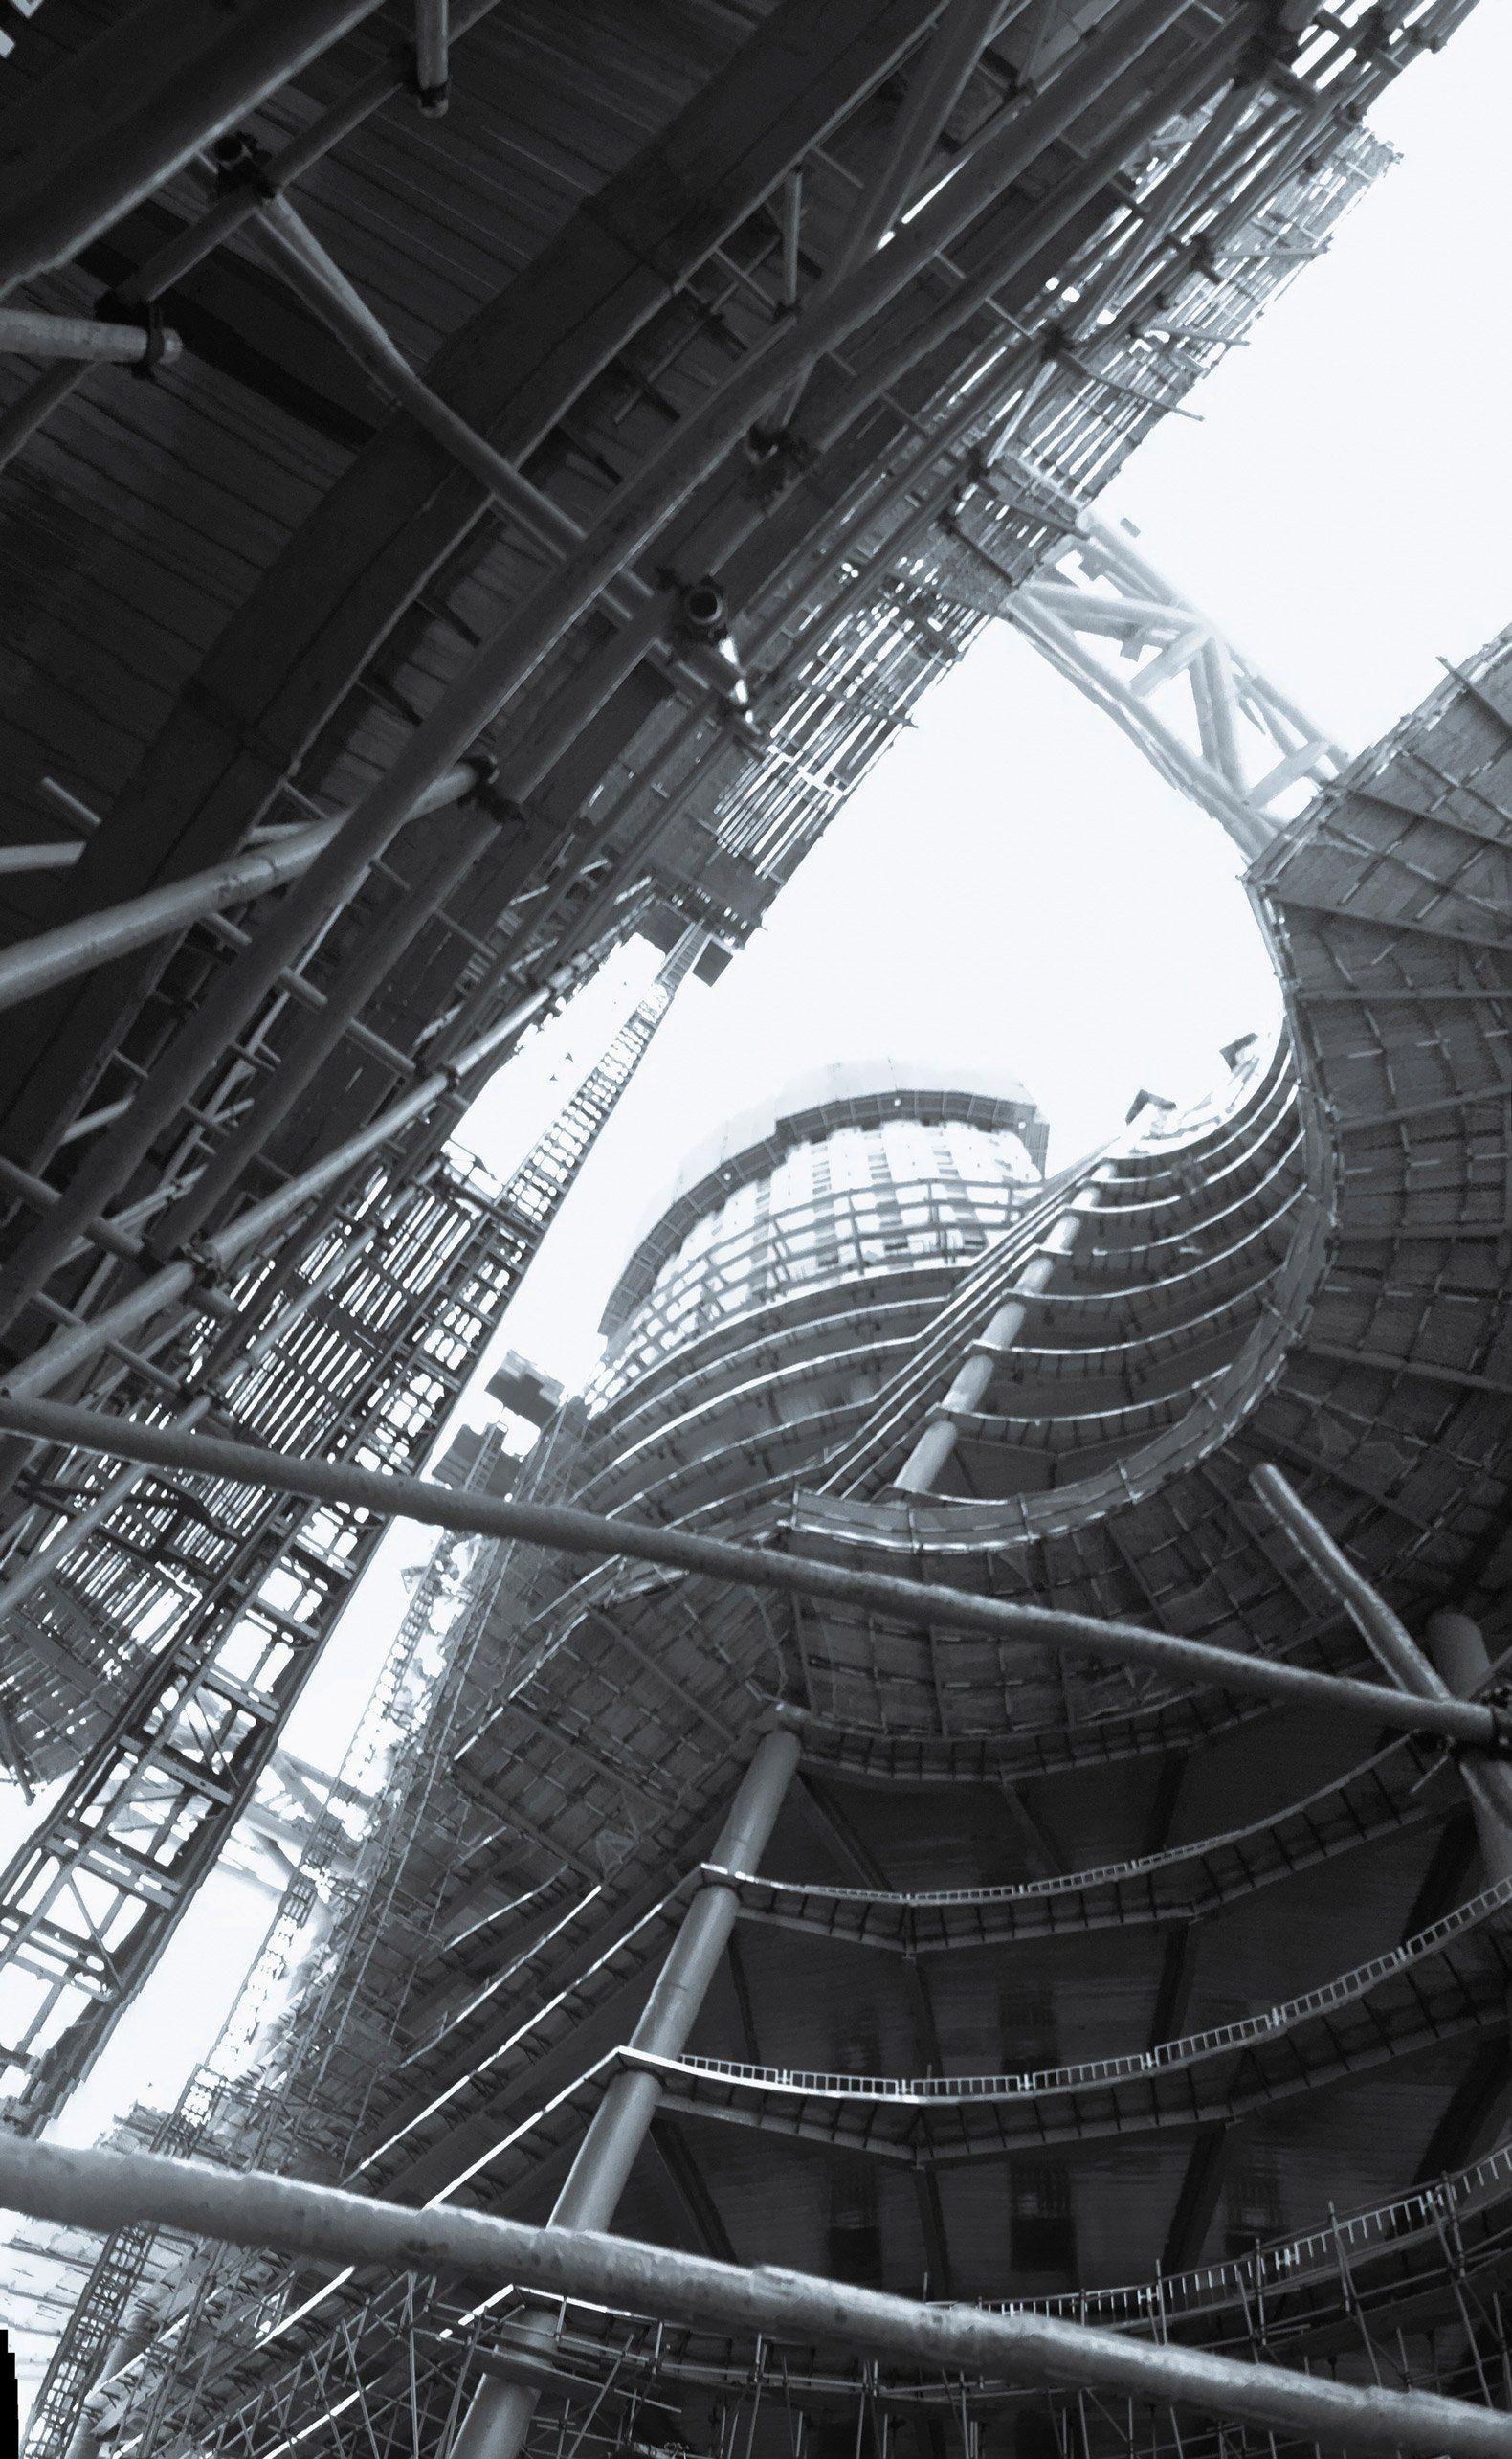 En construcción. Rascacielos Leeza SOHO de Zaha Hadid Architects. Fotografía © Di Ding. Cortesía de Zaha Hadid Architects y SOHO China